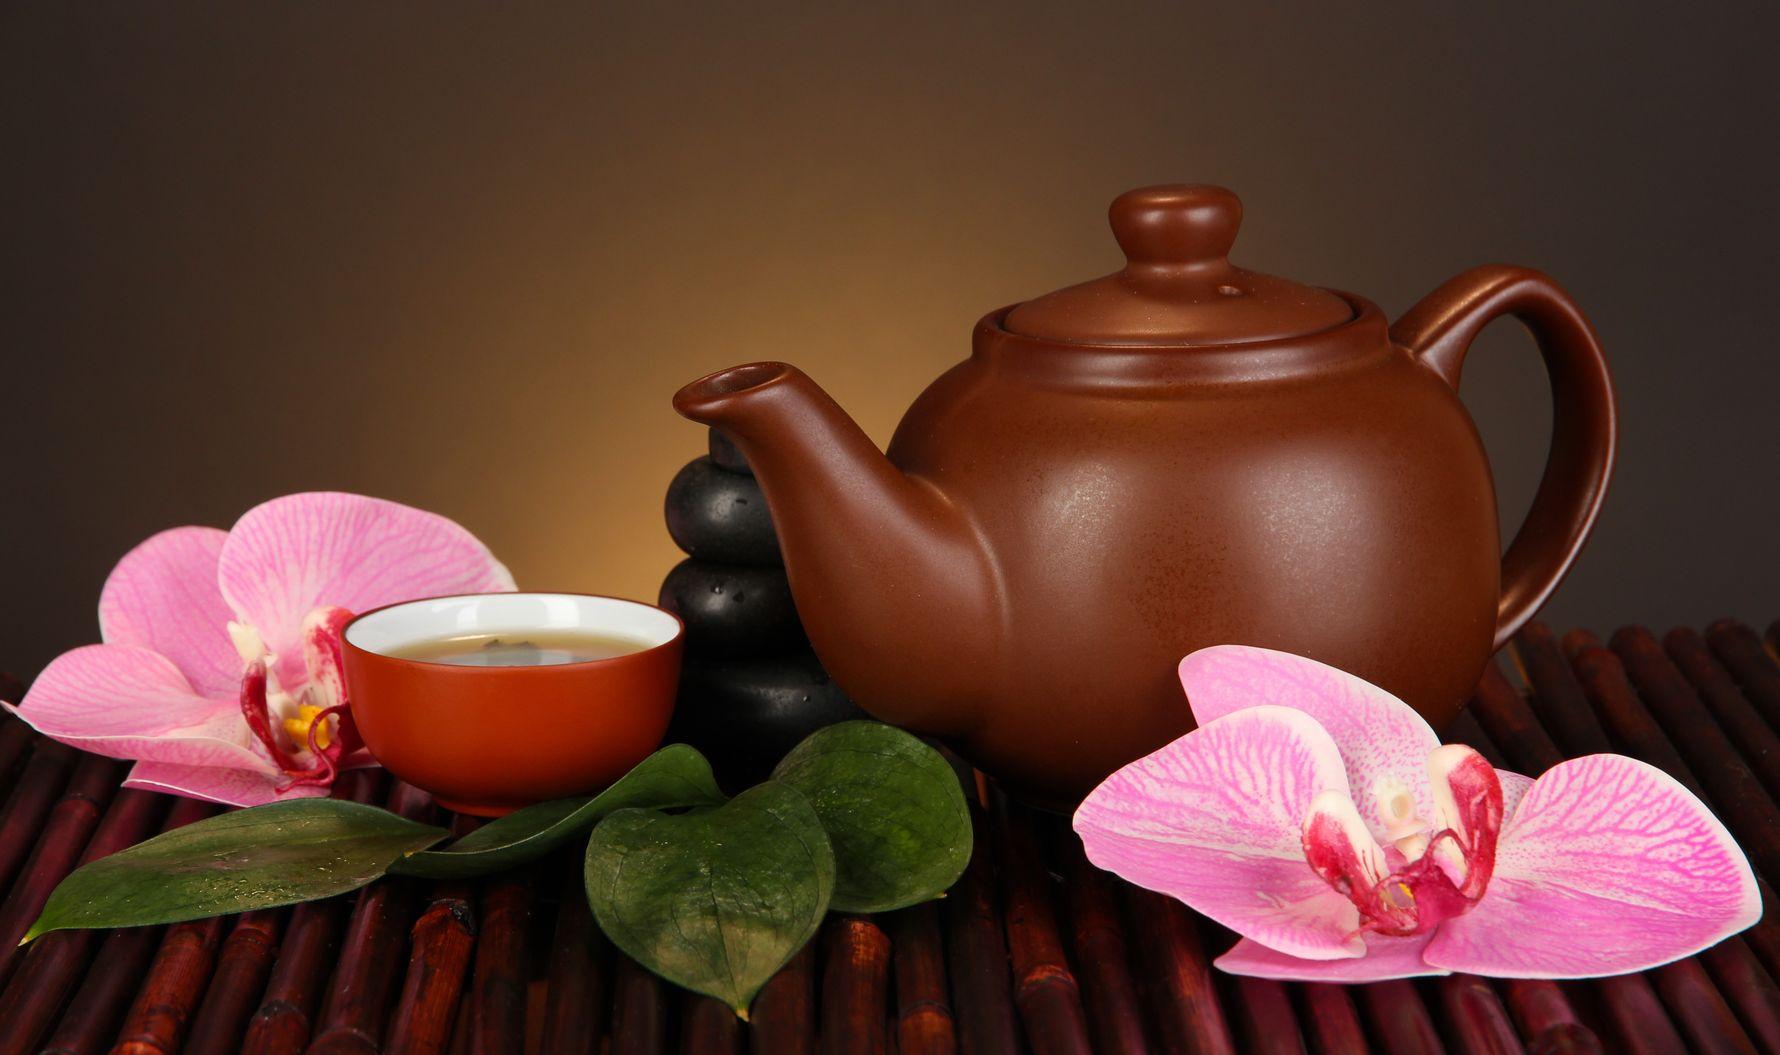 El arte del te -Descubriendo el mundo del té